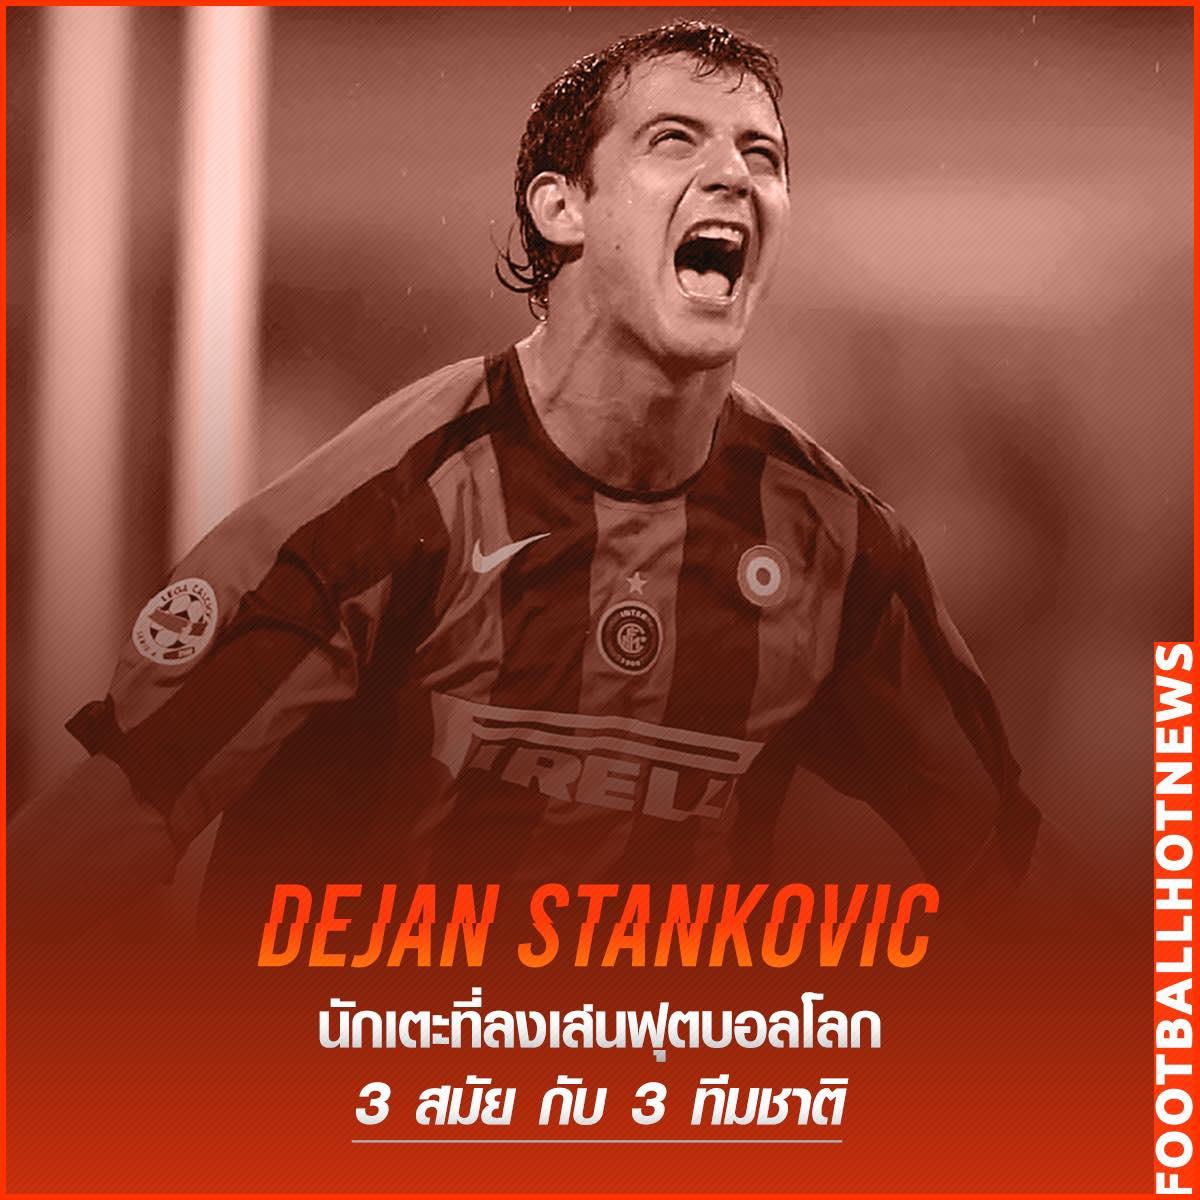 stanlovic นักฟุตบอลคนแรกที่เล่นฟุตบอลโลก 3 สมัย กับ 3 ทีมชาติ